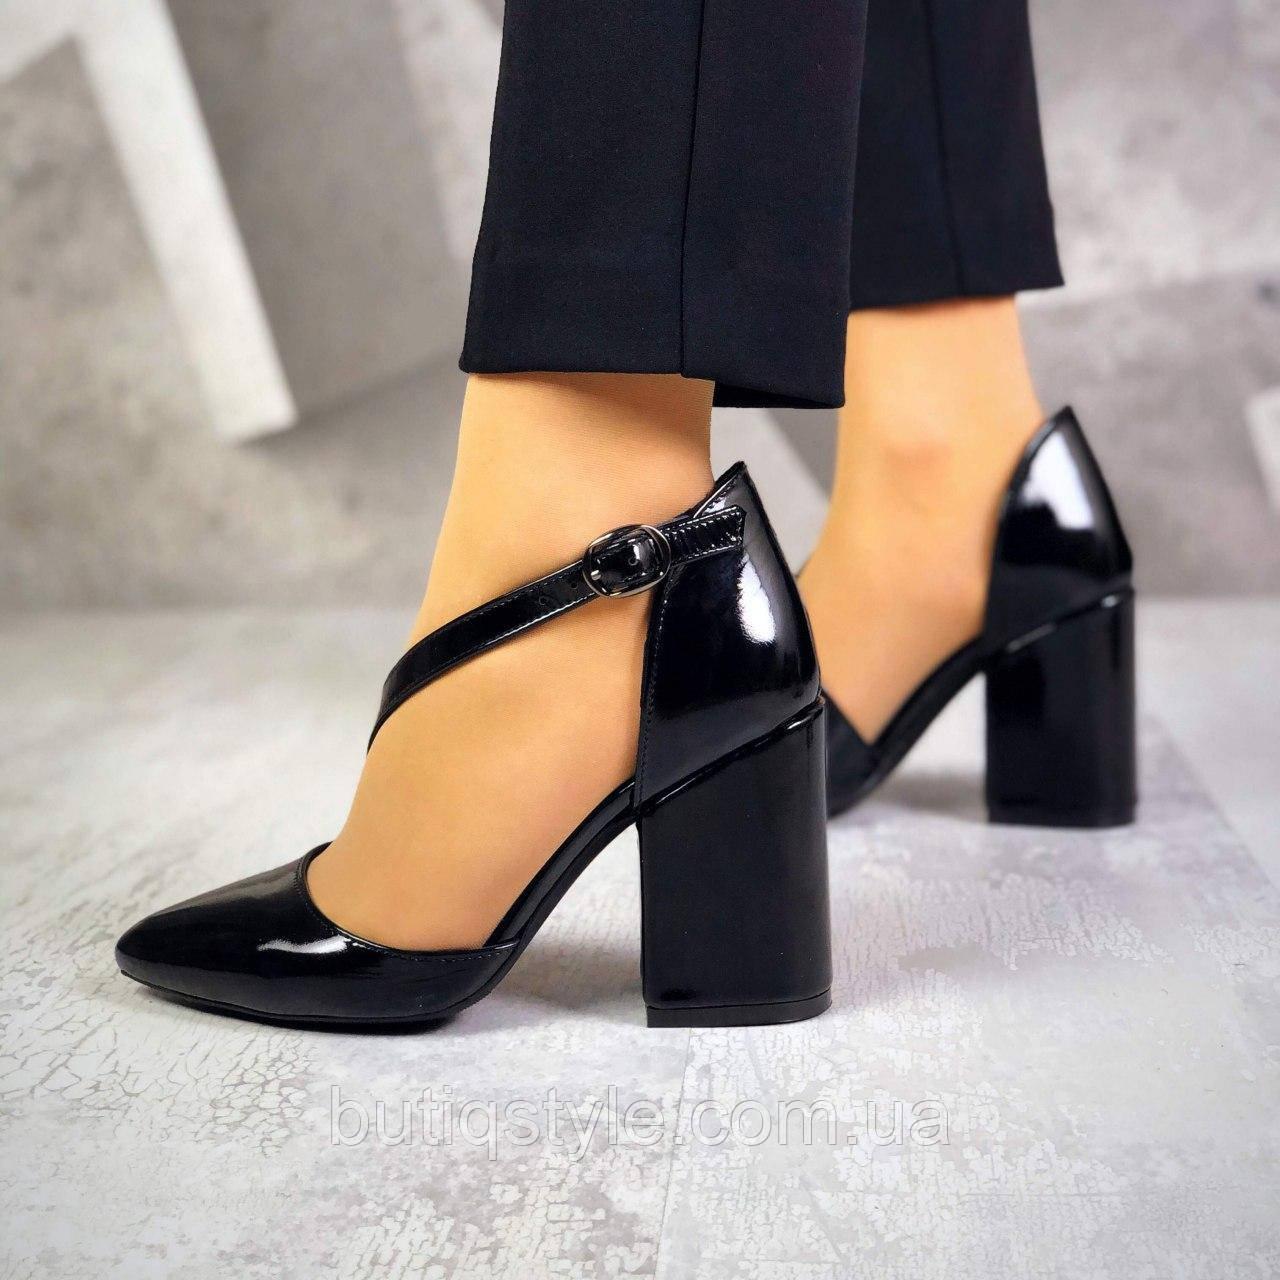 Черные женские туфли на каблучке с ремешком натуральный лак